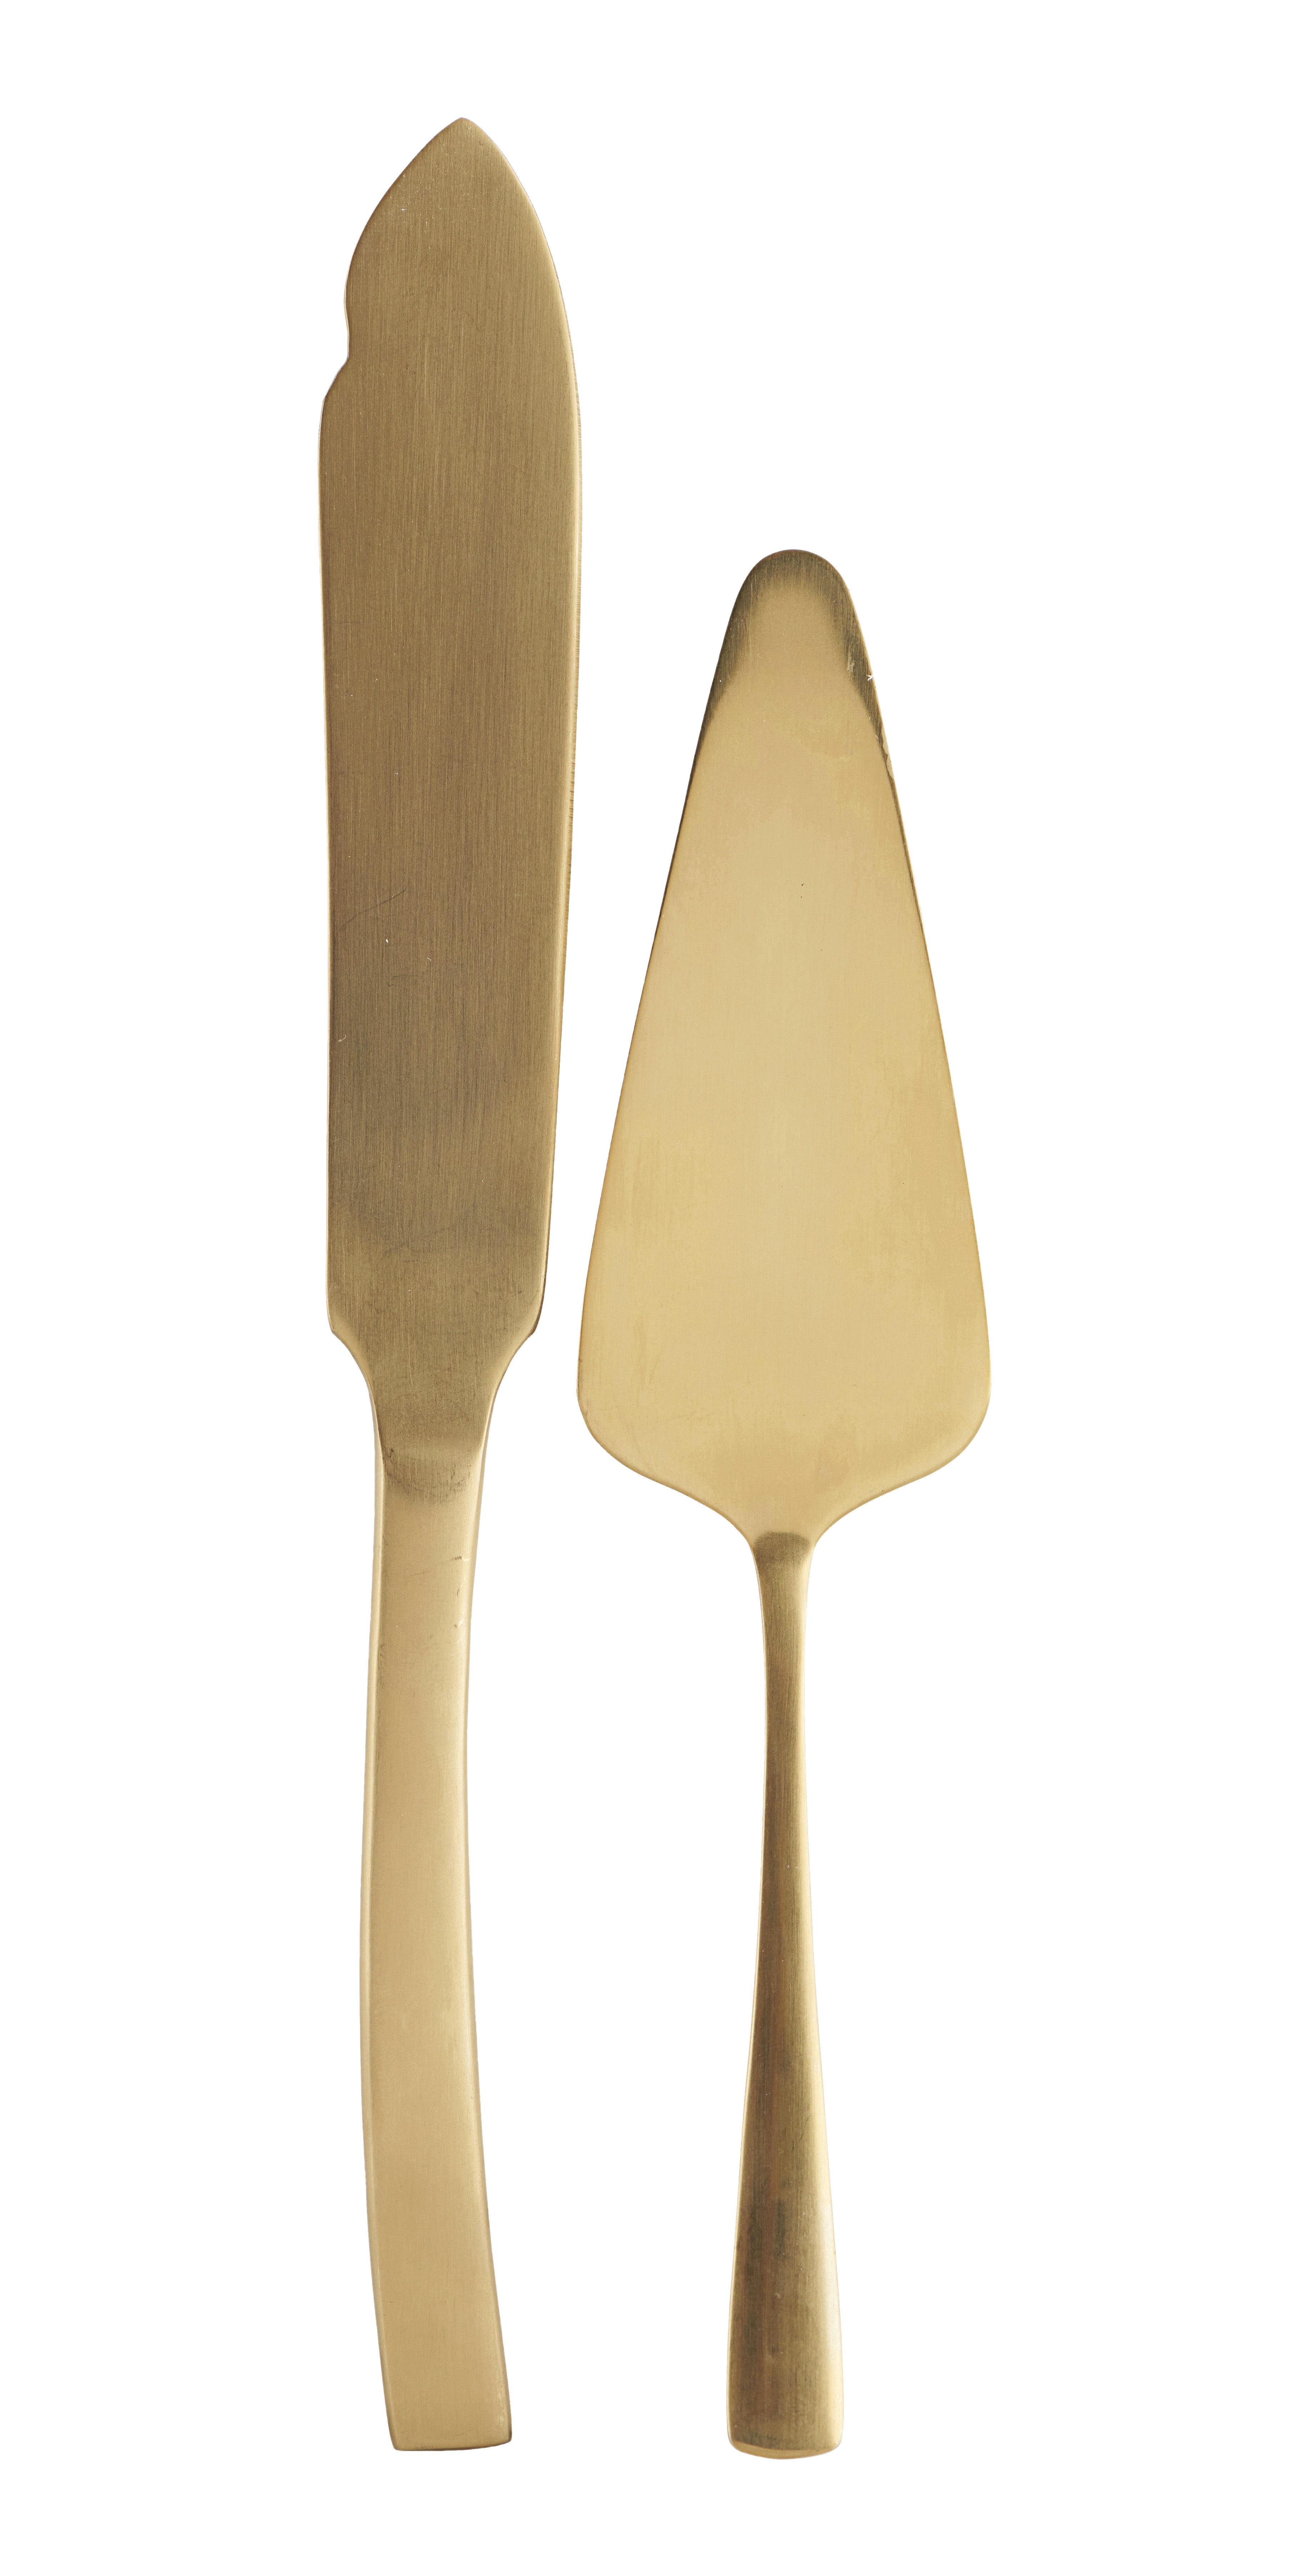 Arts de la table - Couverts de service - Pelle à tarte Golden / + couteau à gâteau - House Doctor - Service gâteau / Or - Acier inoxydable